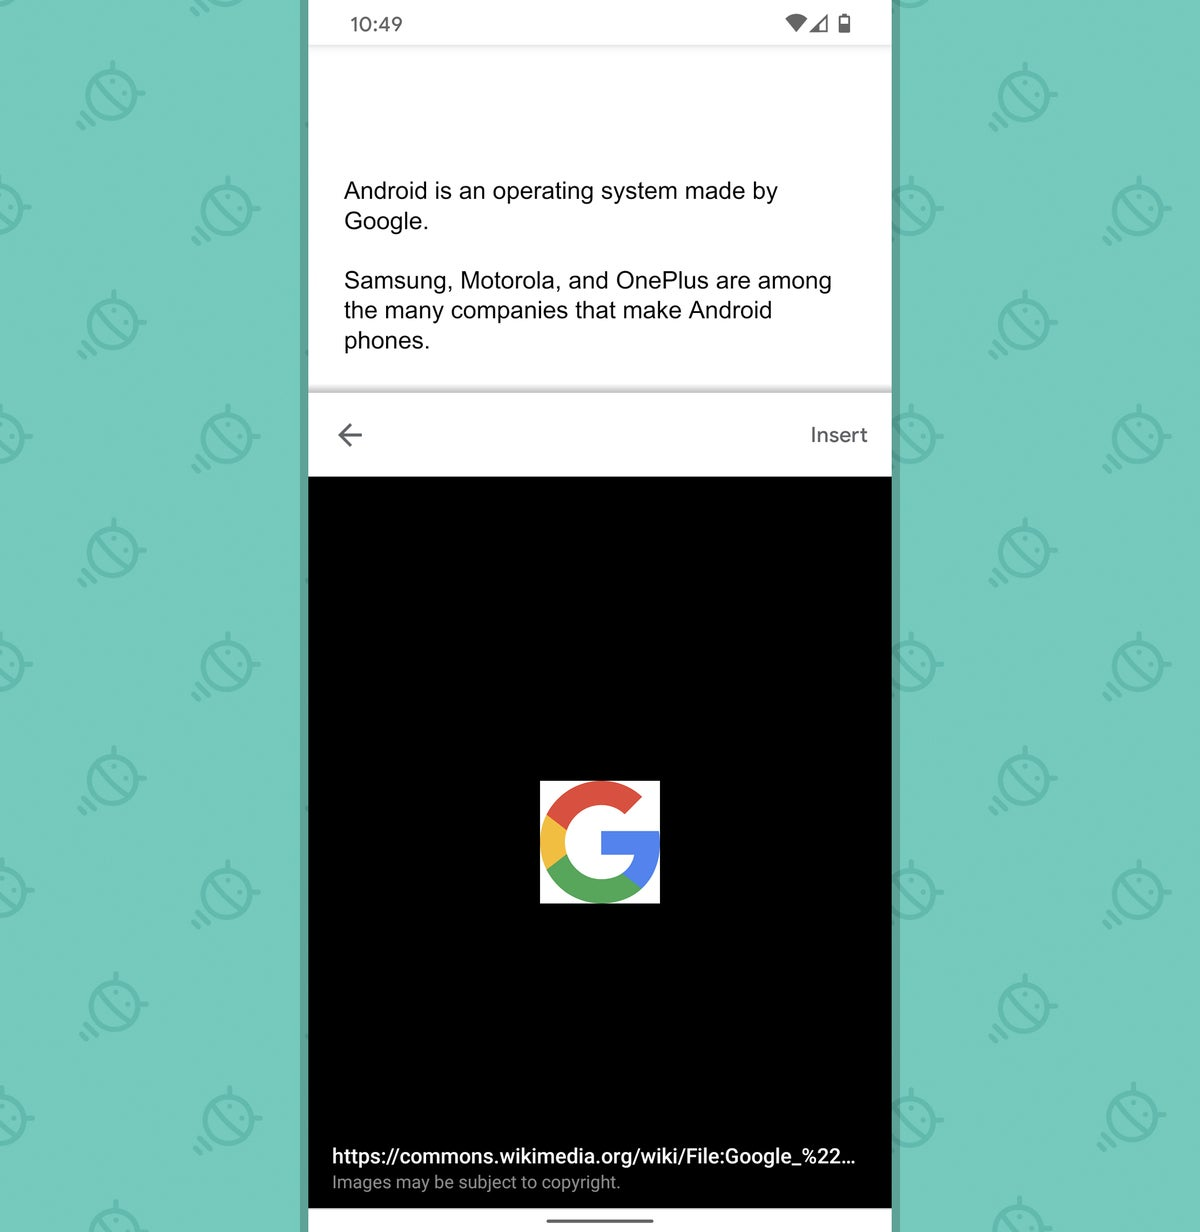 Google Docs Android: Explorar - insertar imagen